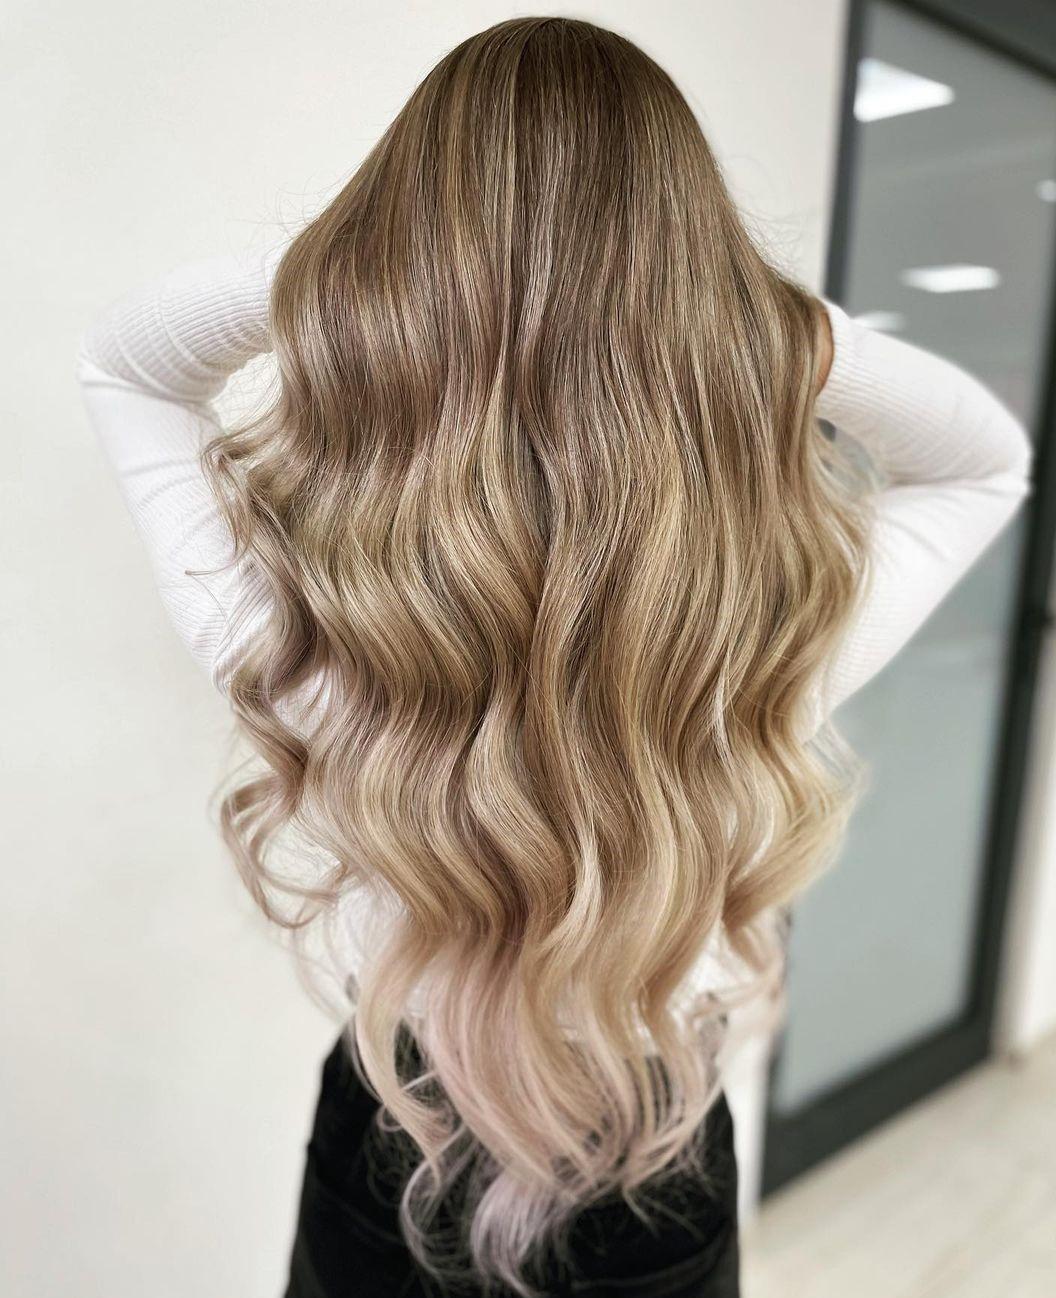 Chic Modern V-Cut with Curls